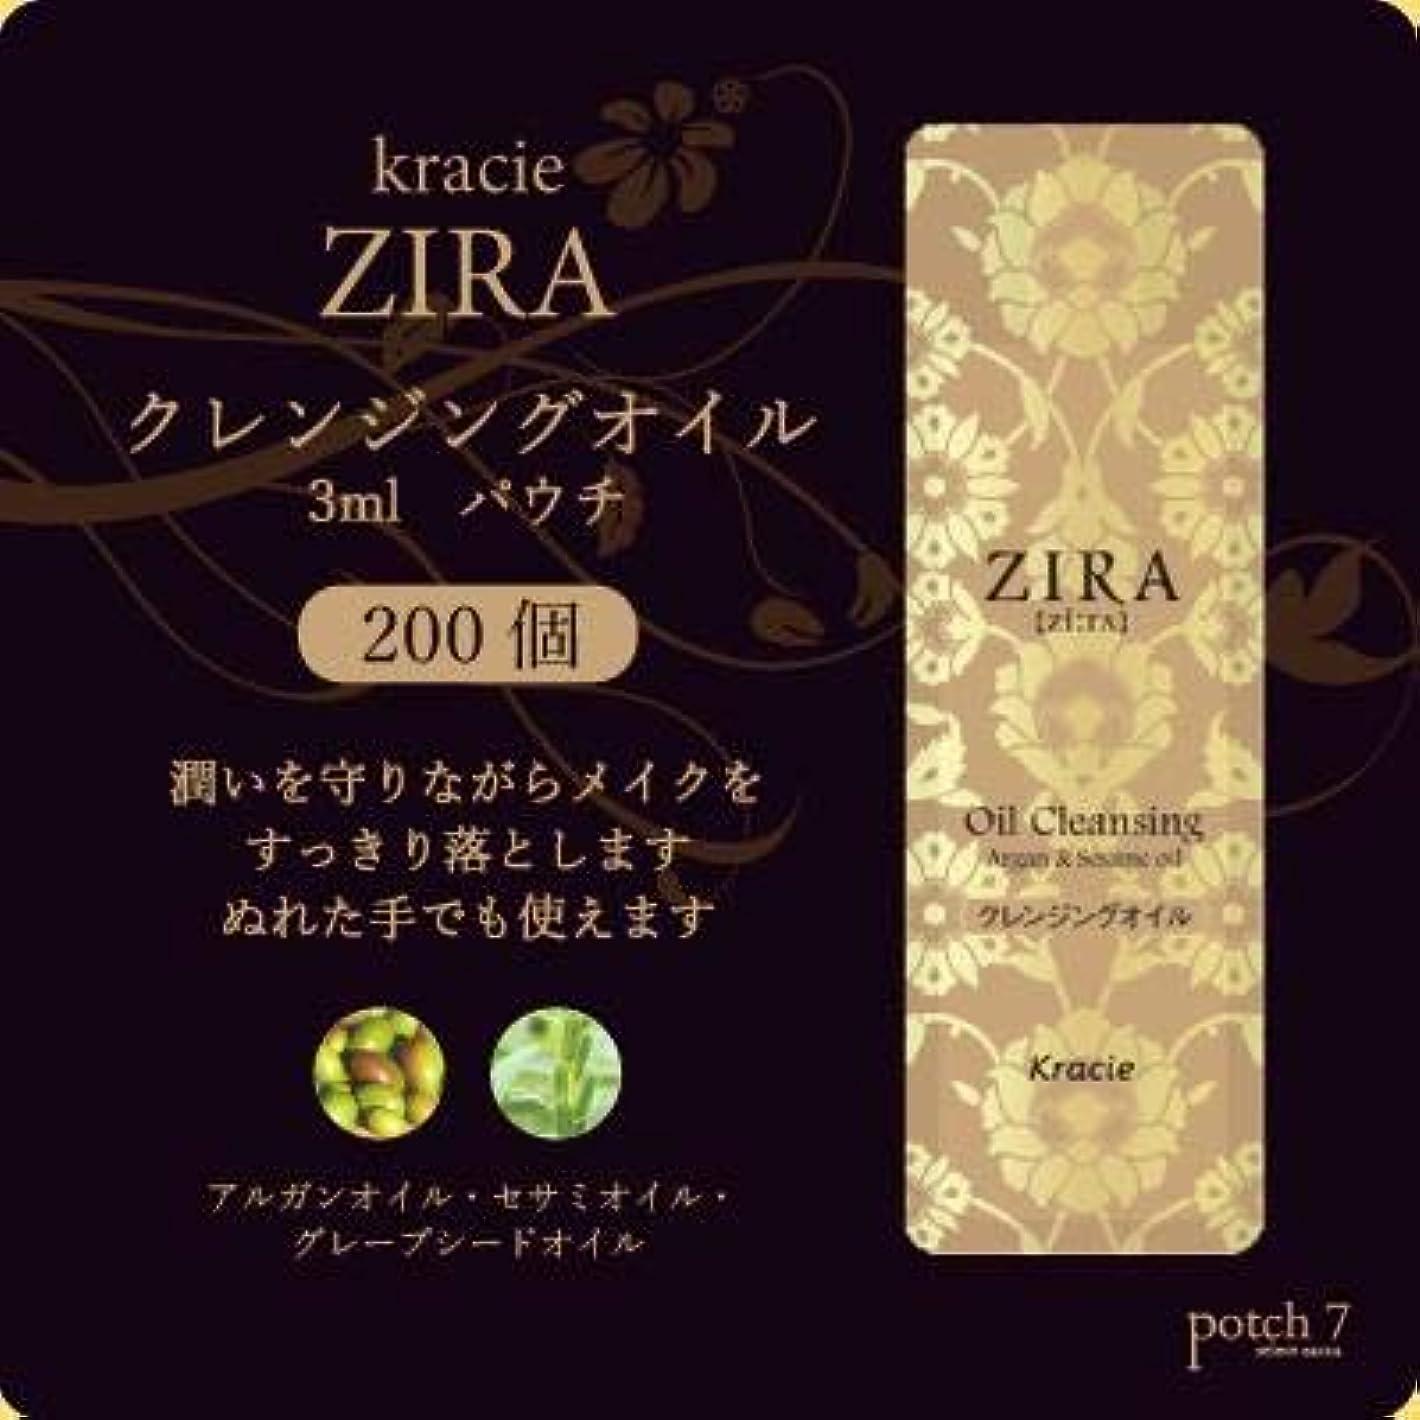 タクトいろいろすりKracie クラシエ ZIRA ジーラ クレンジングオイル パウチ 3ml 200個入